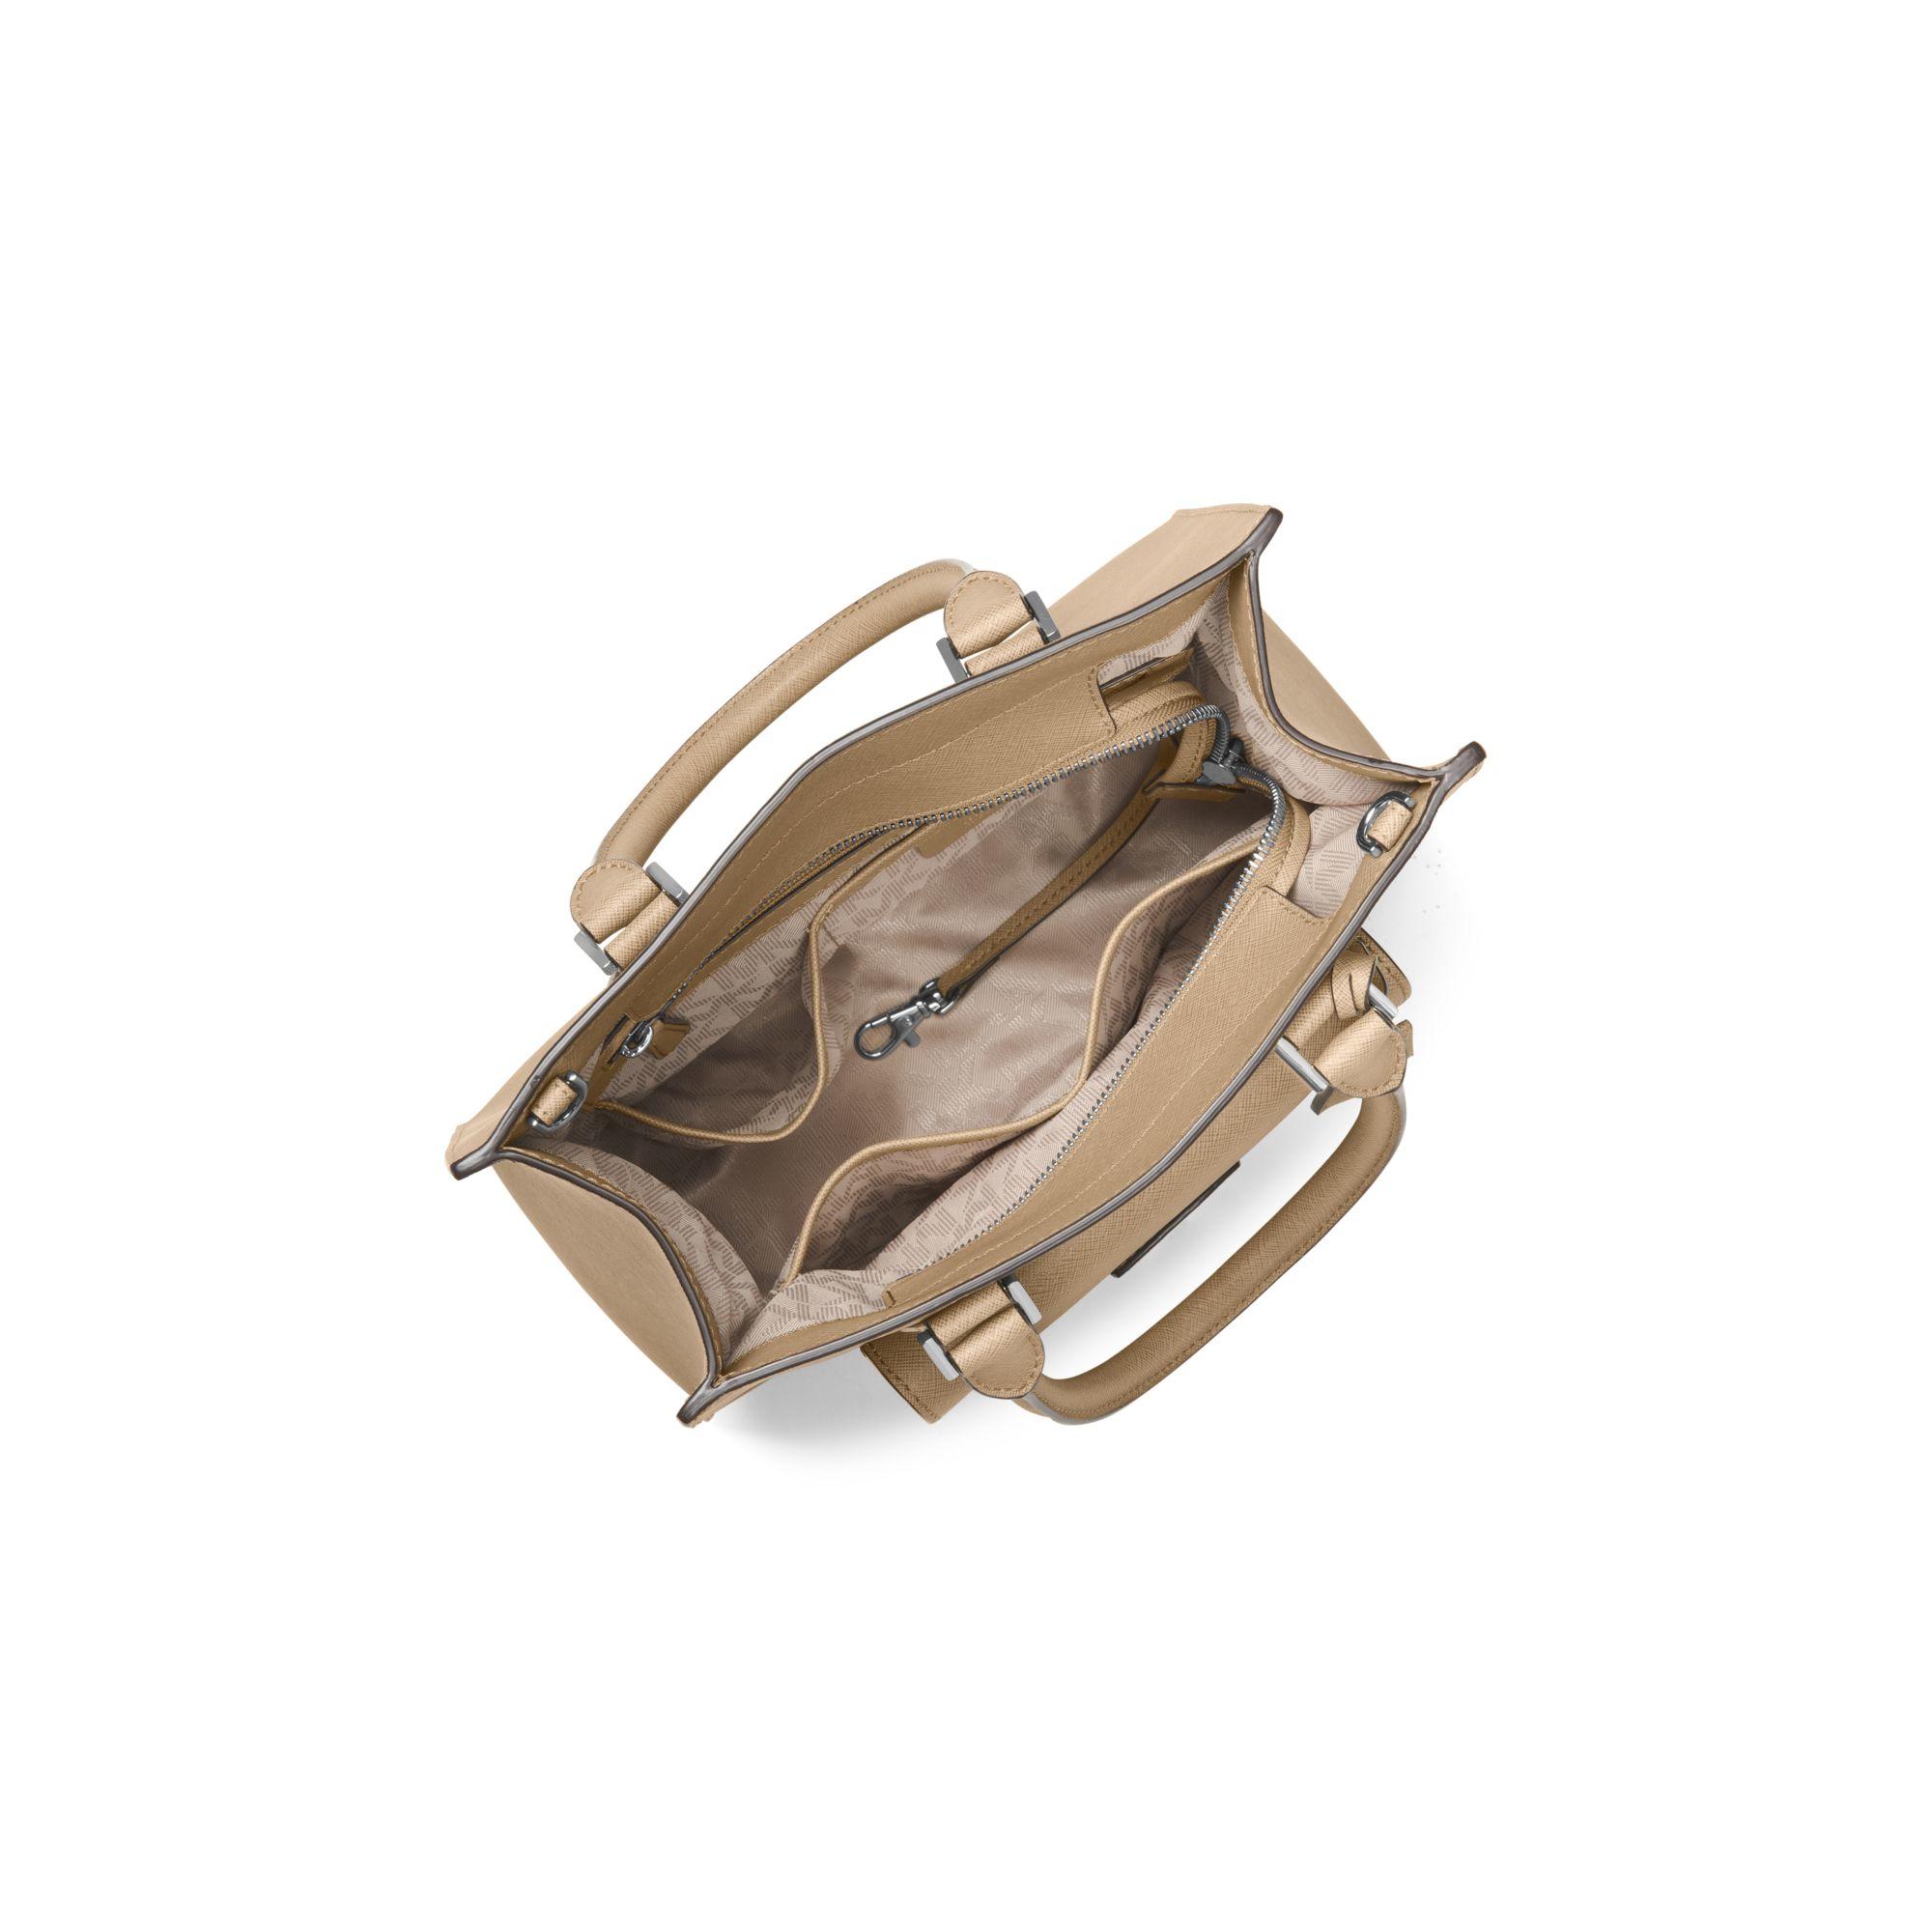 Michael Kors Bridgette Medium Saffiano Leather Tote In